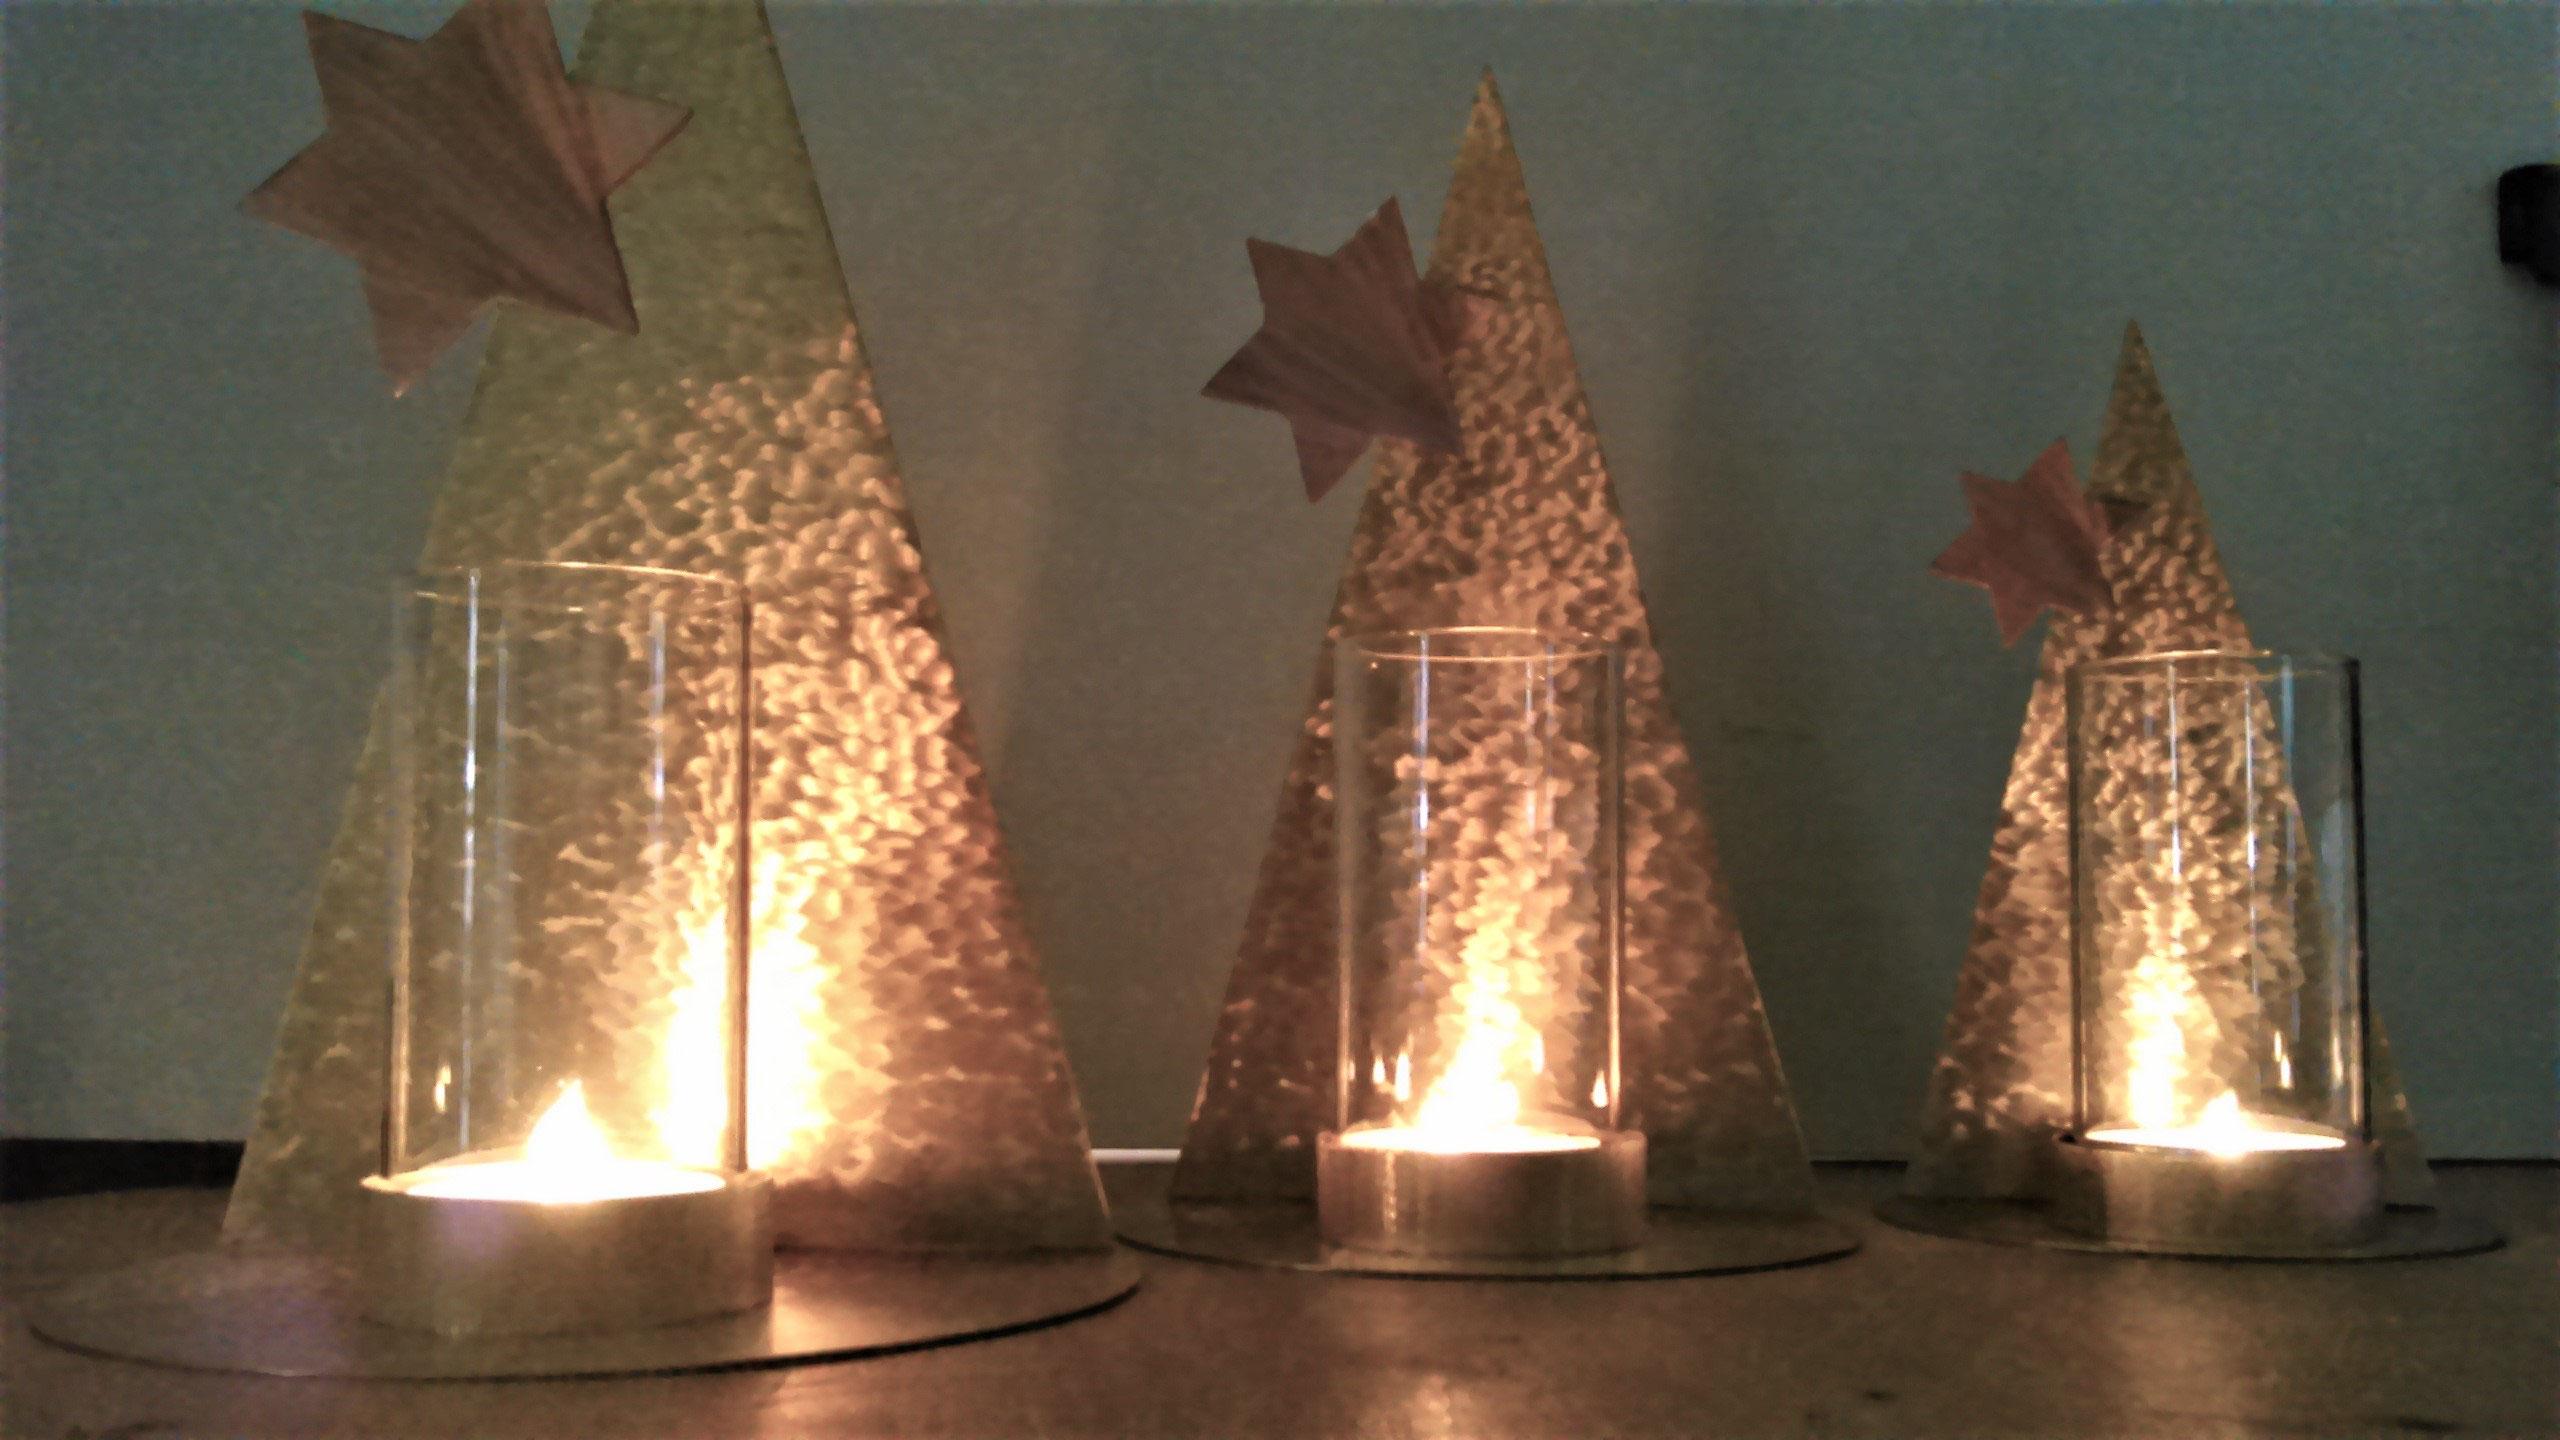 Tannenbaum Aus Blech.Weihnachtslicht Tannenbaum Kunst Aus Blech Obgekte Und Figuren